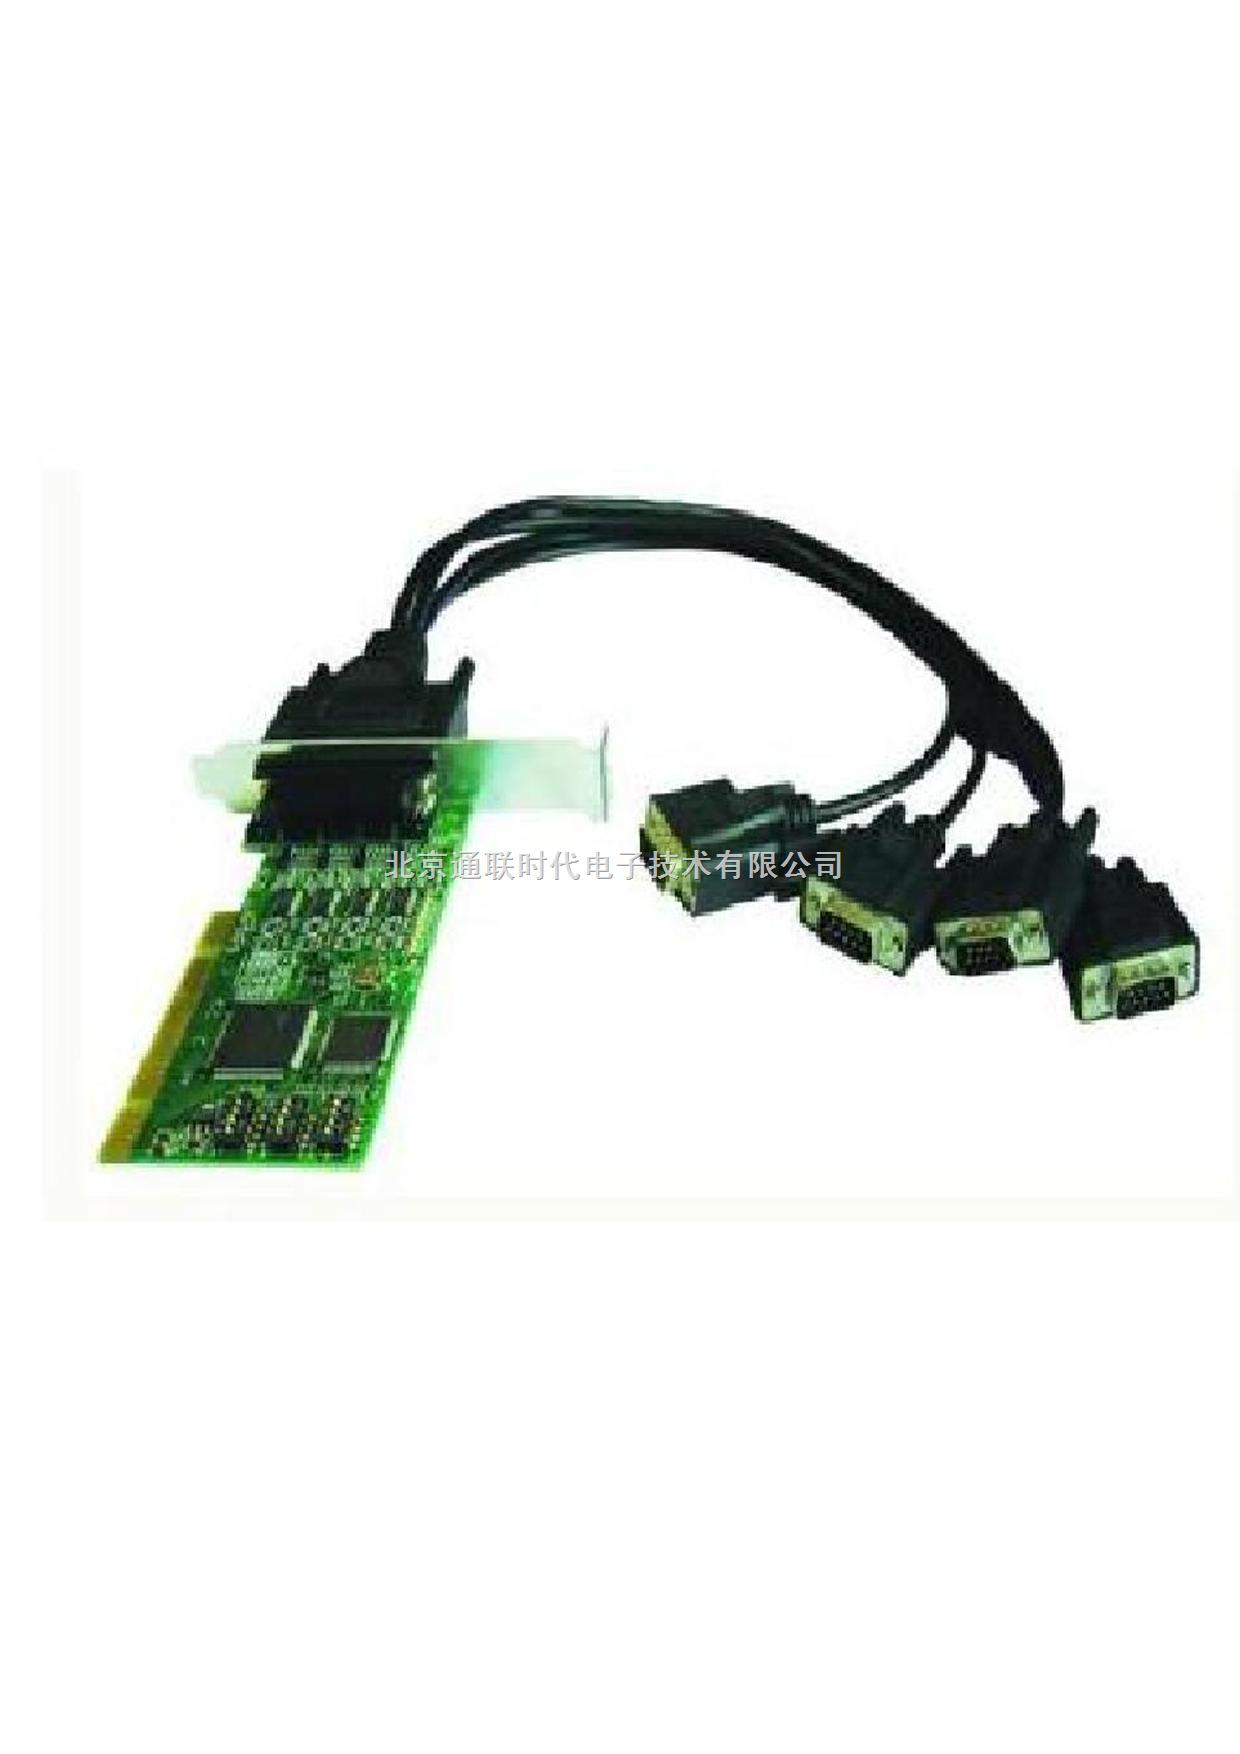 工业型PCI 4口RS-232/422/485串口卡,带2KV隔离,低挡板支架